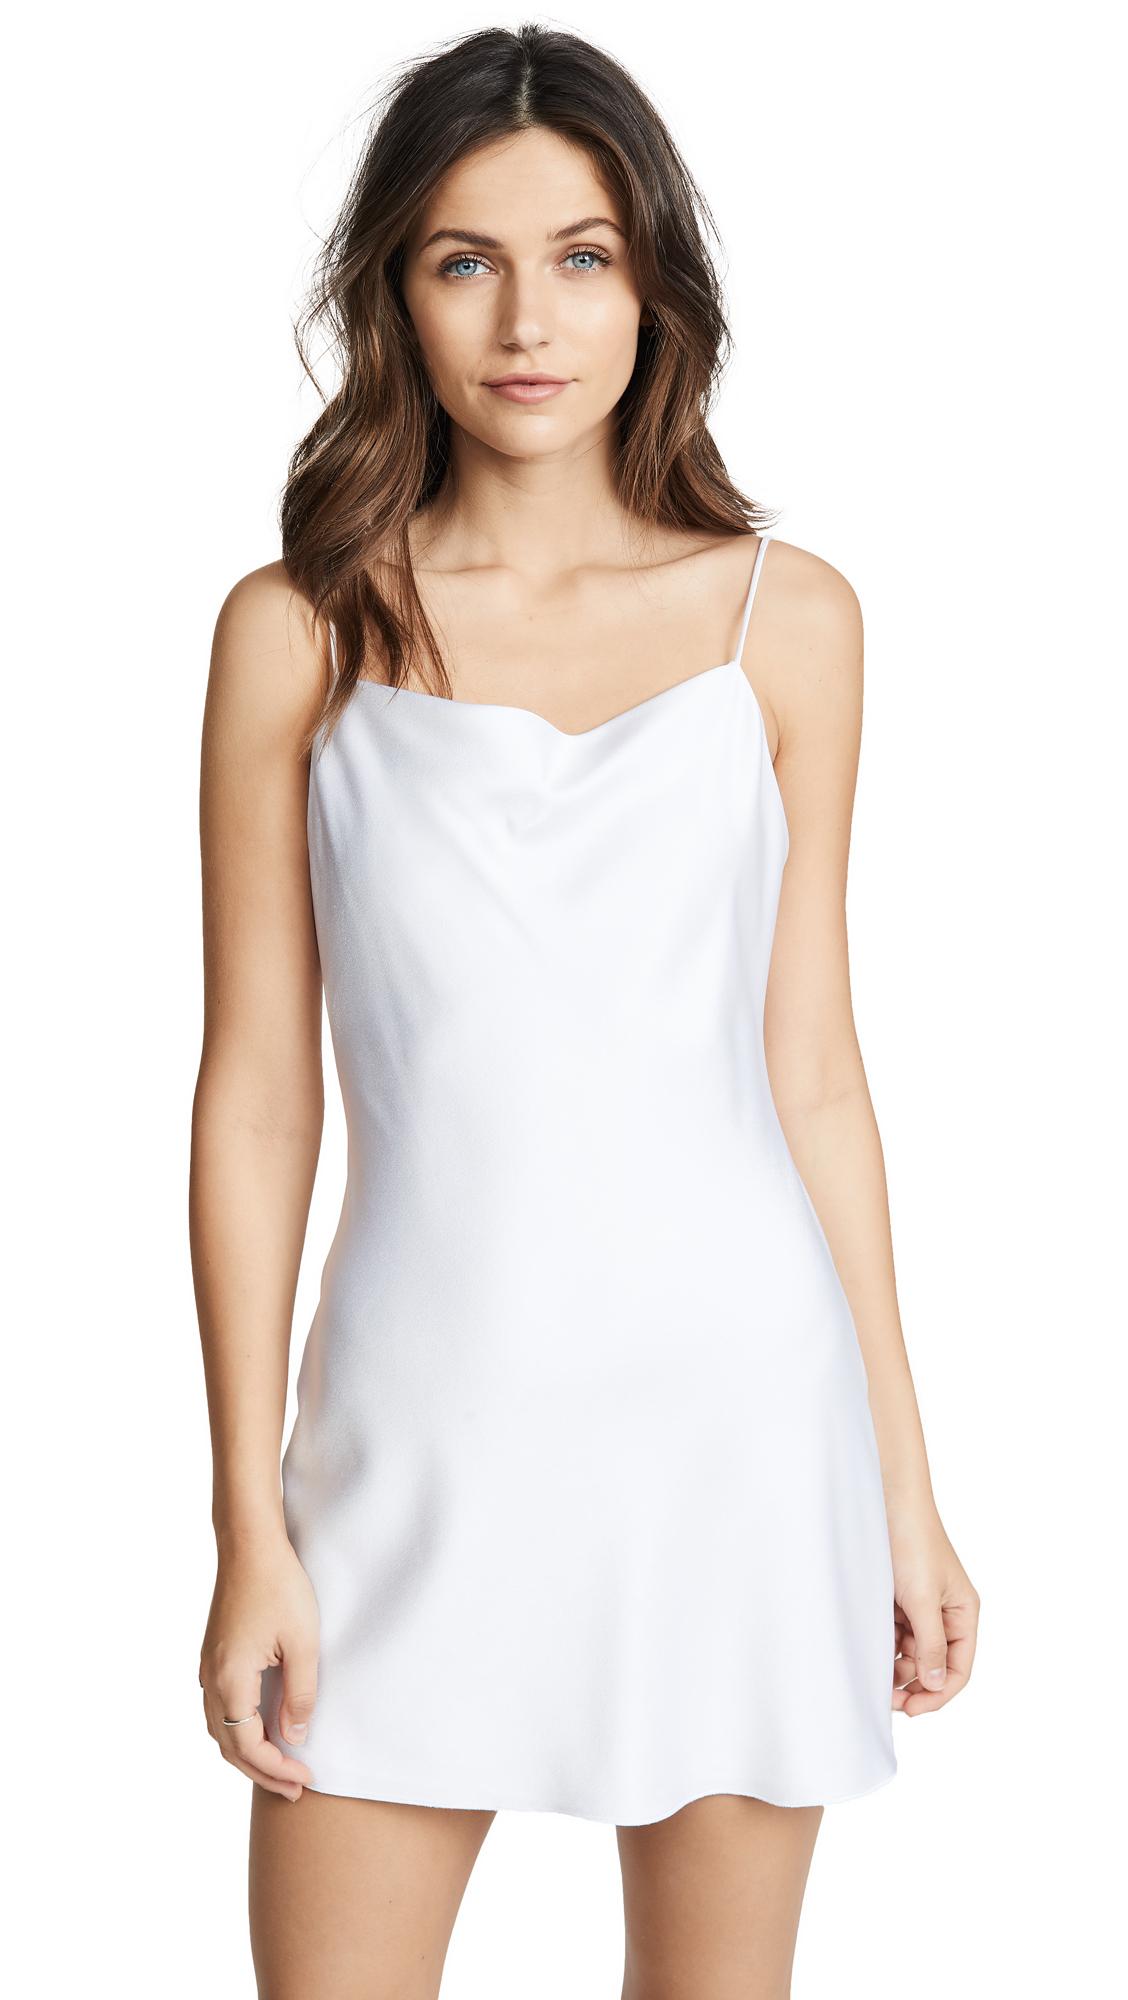 alice + olivia Harmony Mini Dress In White